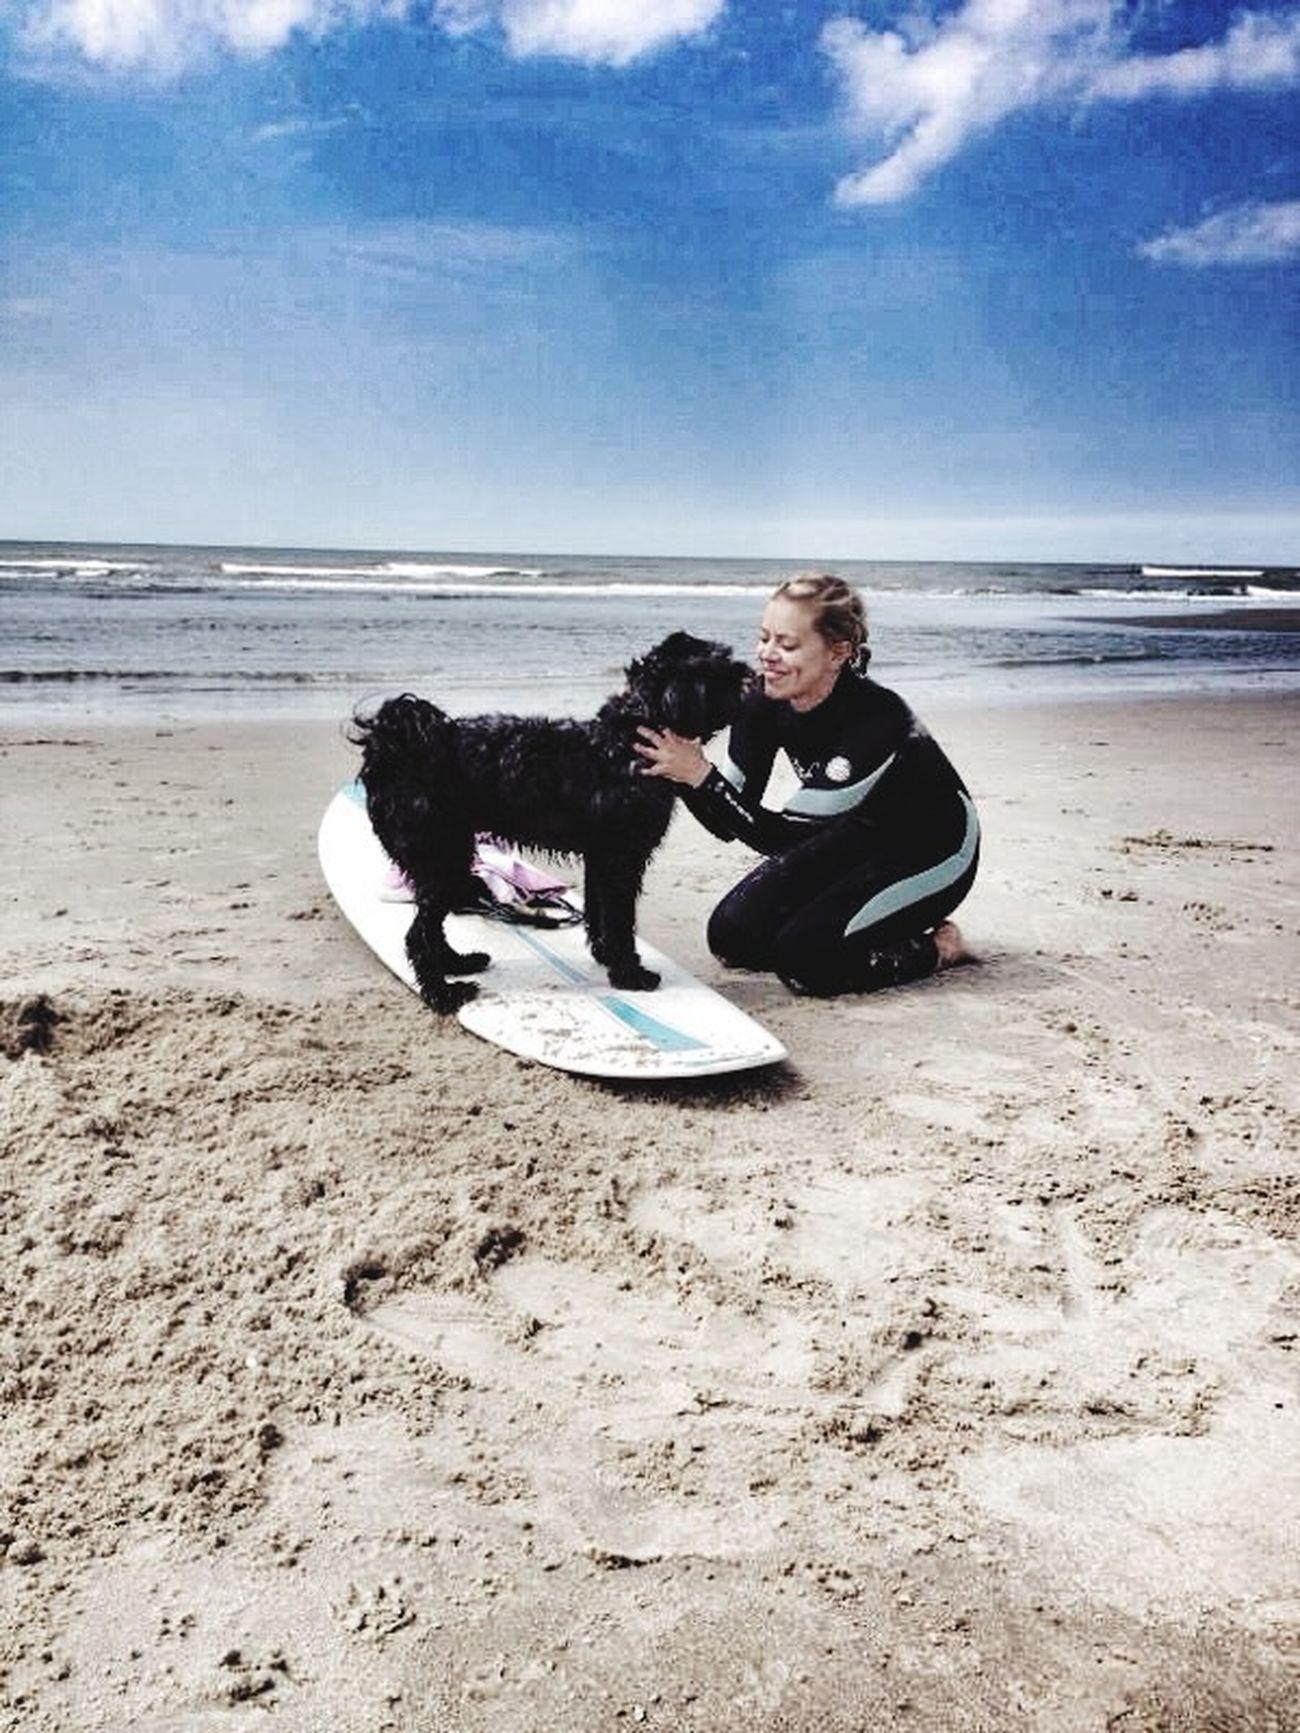 Hello World That's Me Enjoying Life Rømø Dänemark Dk Waterlove Surfingdog Surfing